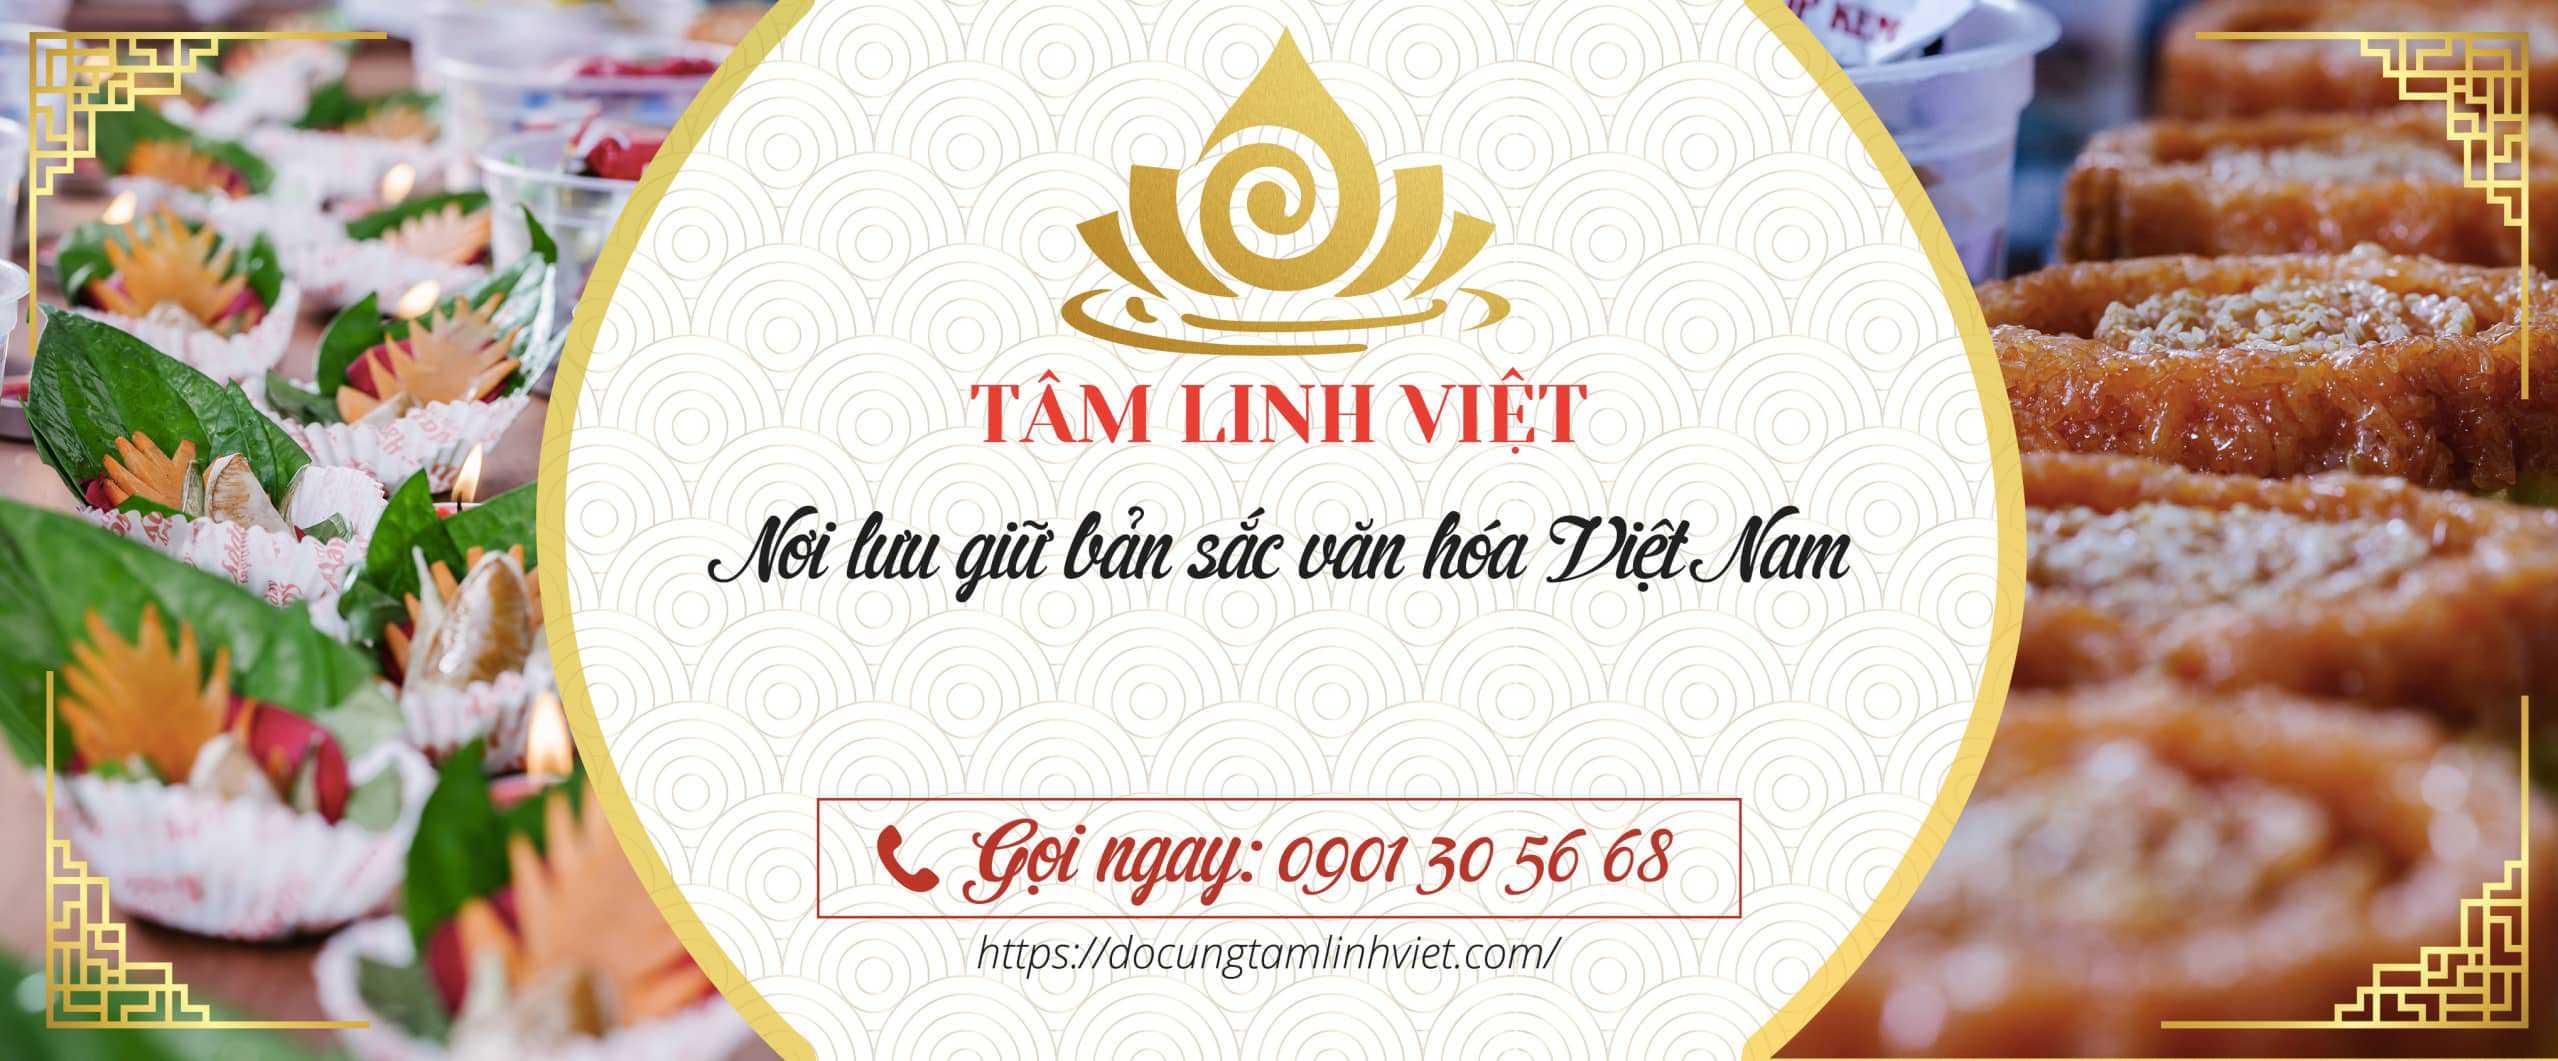 Banner Đồ Cúng Tâm Linh Việt